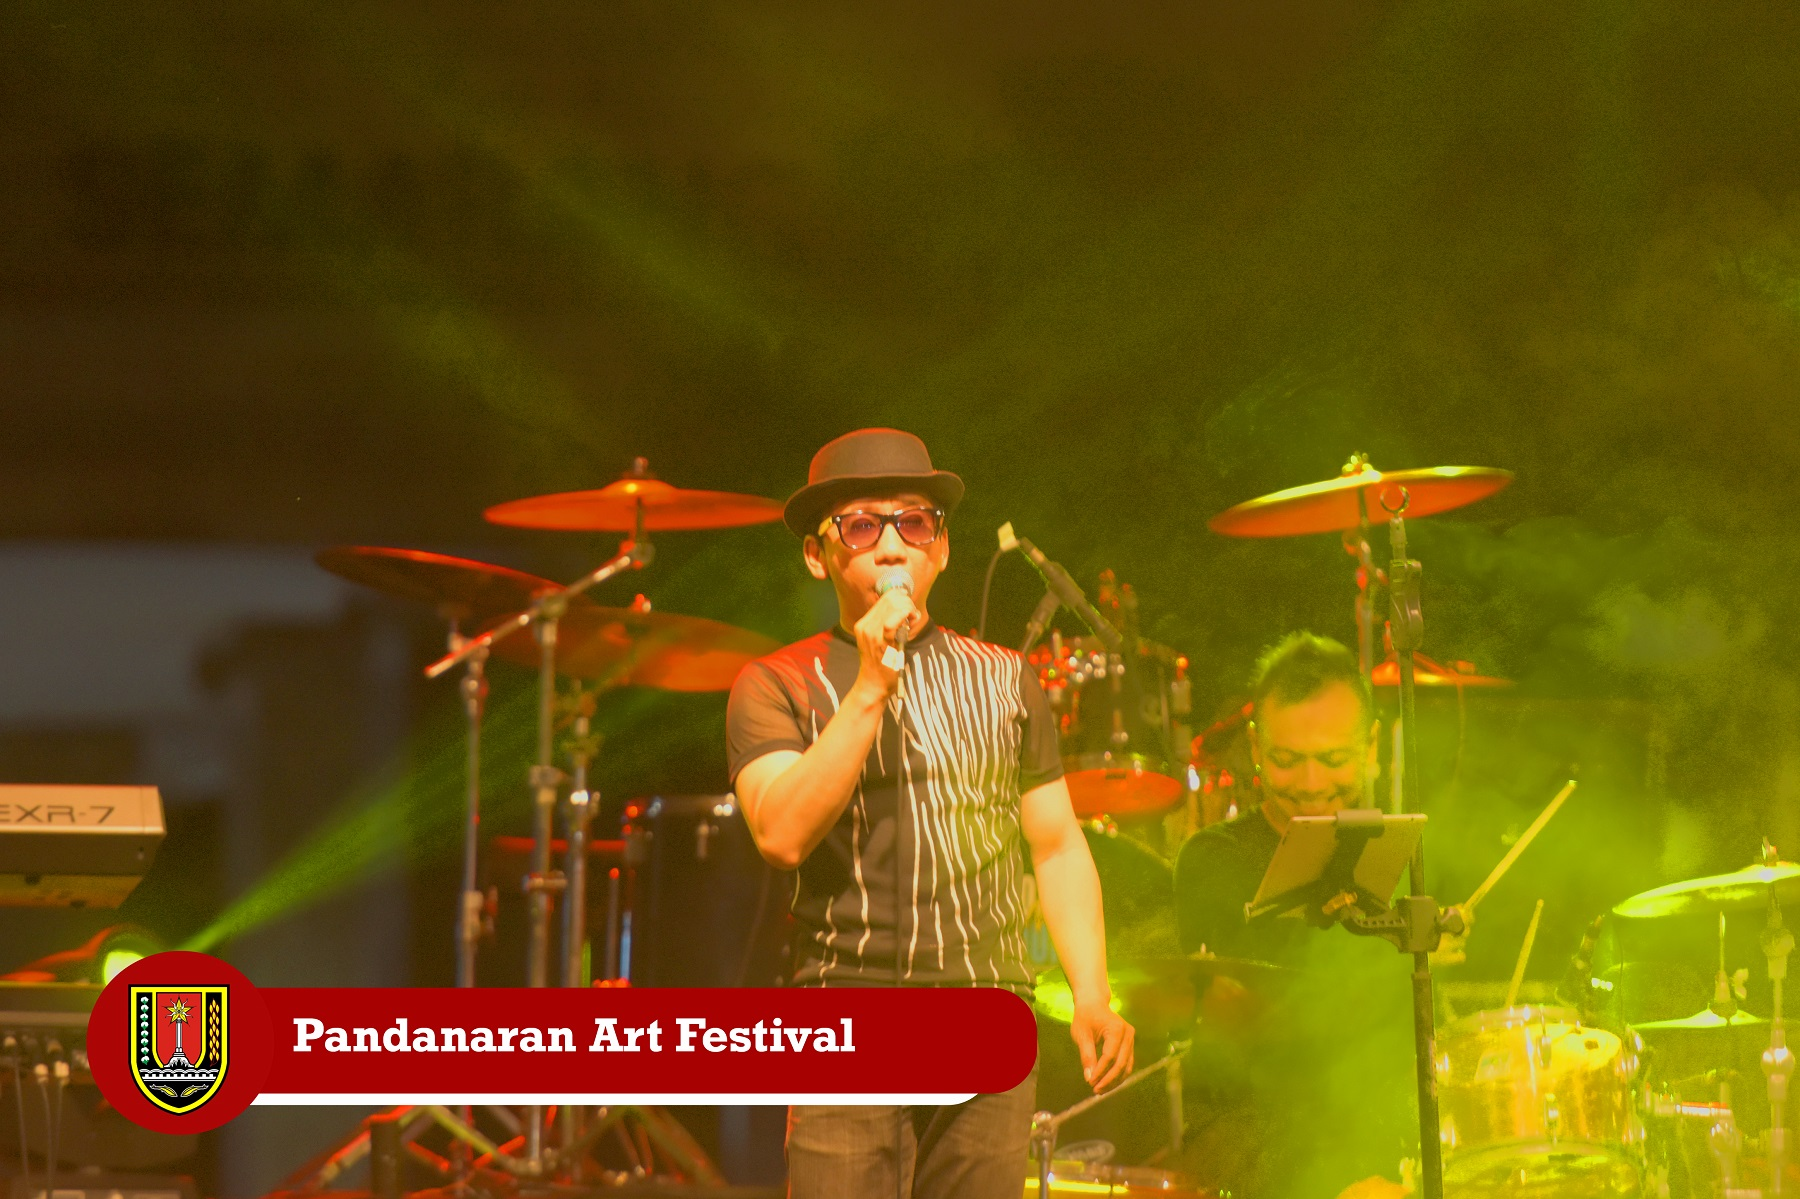 PANDANARAN ART FESTIVAL (LAPANGAN BALAIKOTA)